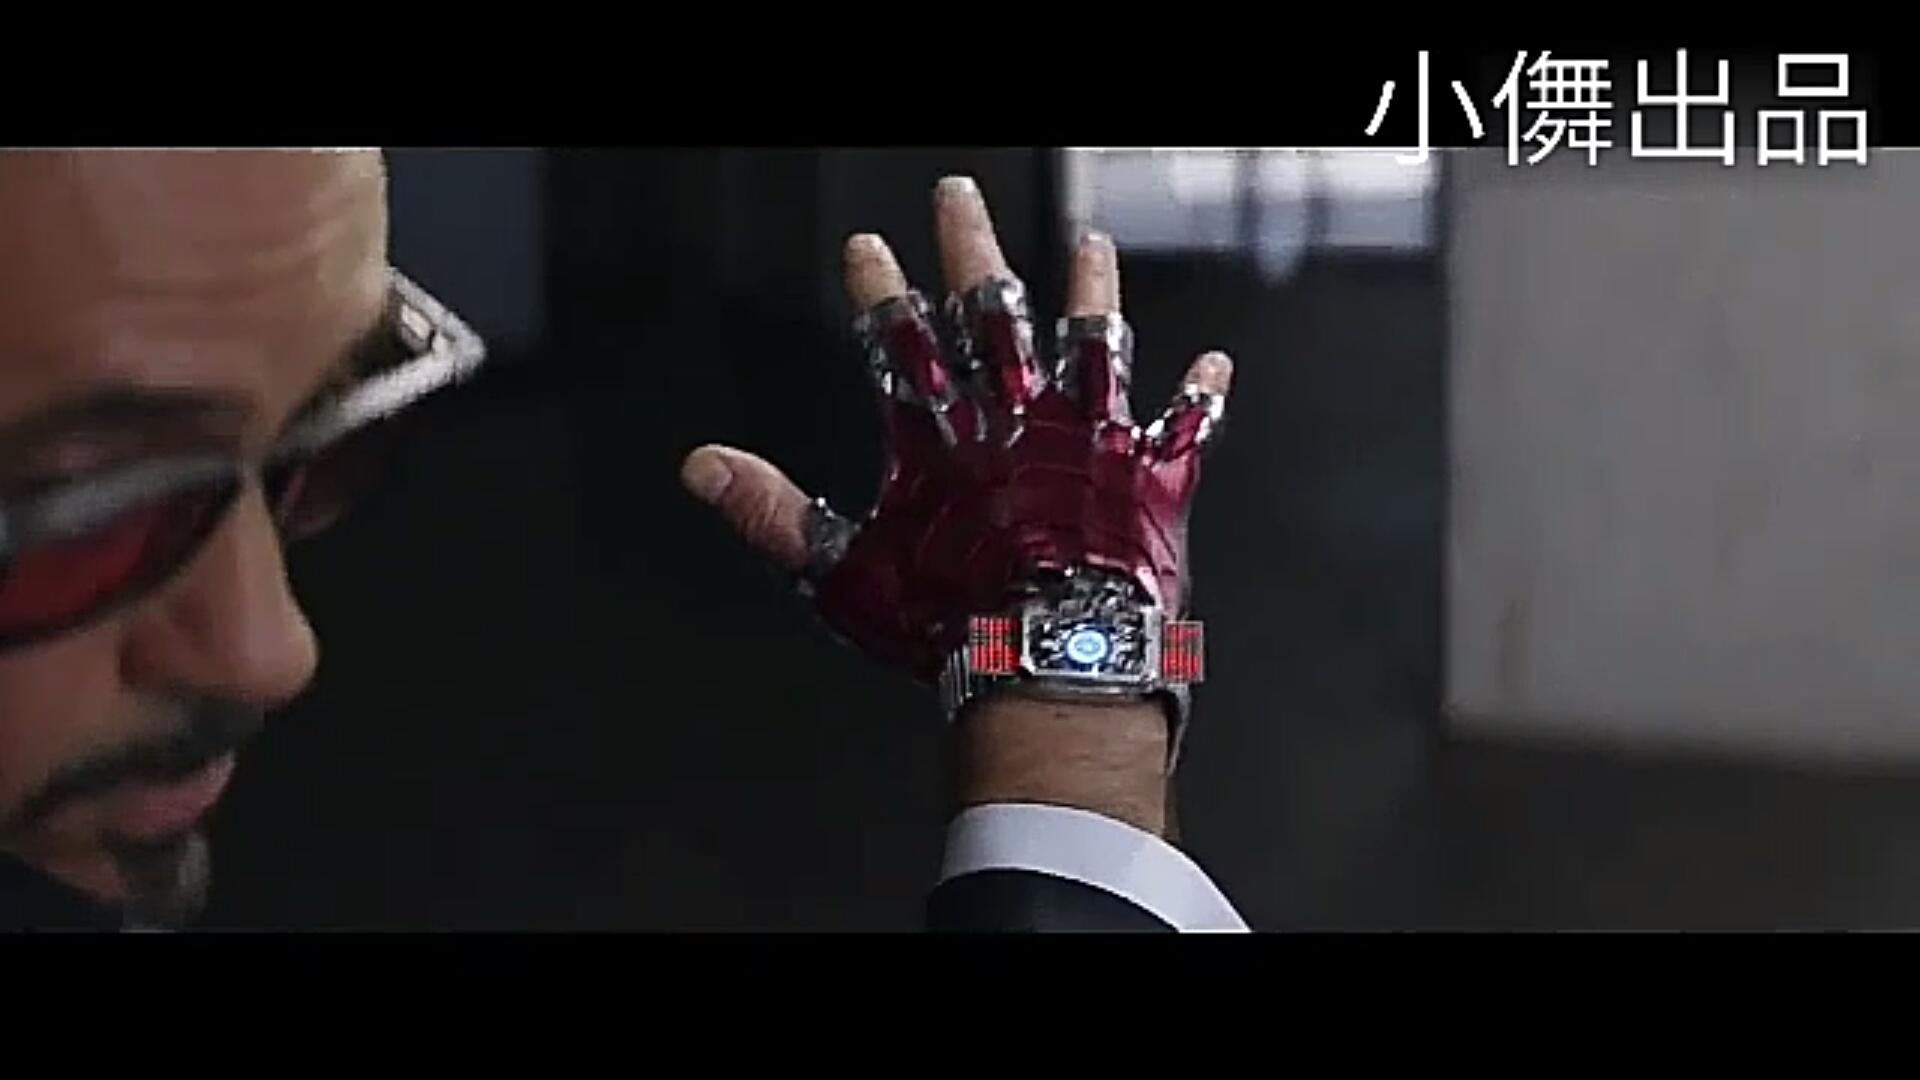 #电影最前线#钢铁侠最早的手表变盔甲,比复联三早!